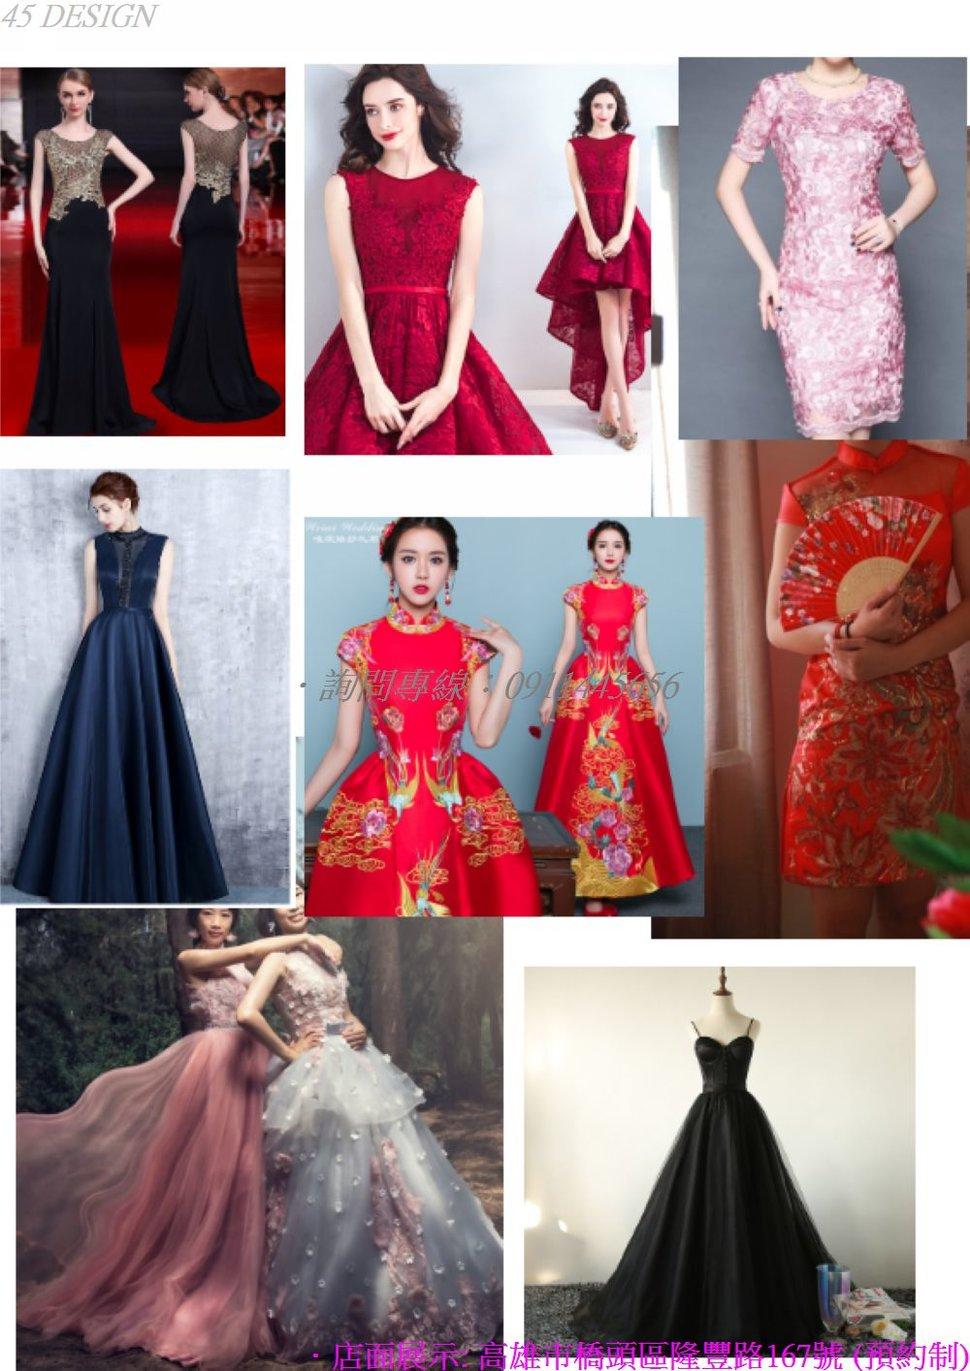 msl190815151F2E3F243349C5B6365413E269C435 - 全台最便宜-45DESIGN四五婚紗禮服《結婚吧》